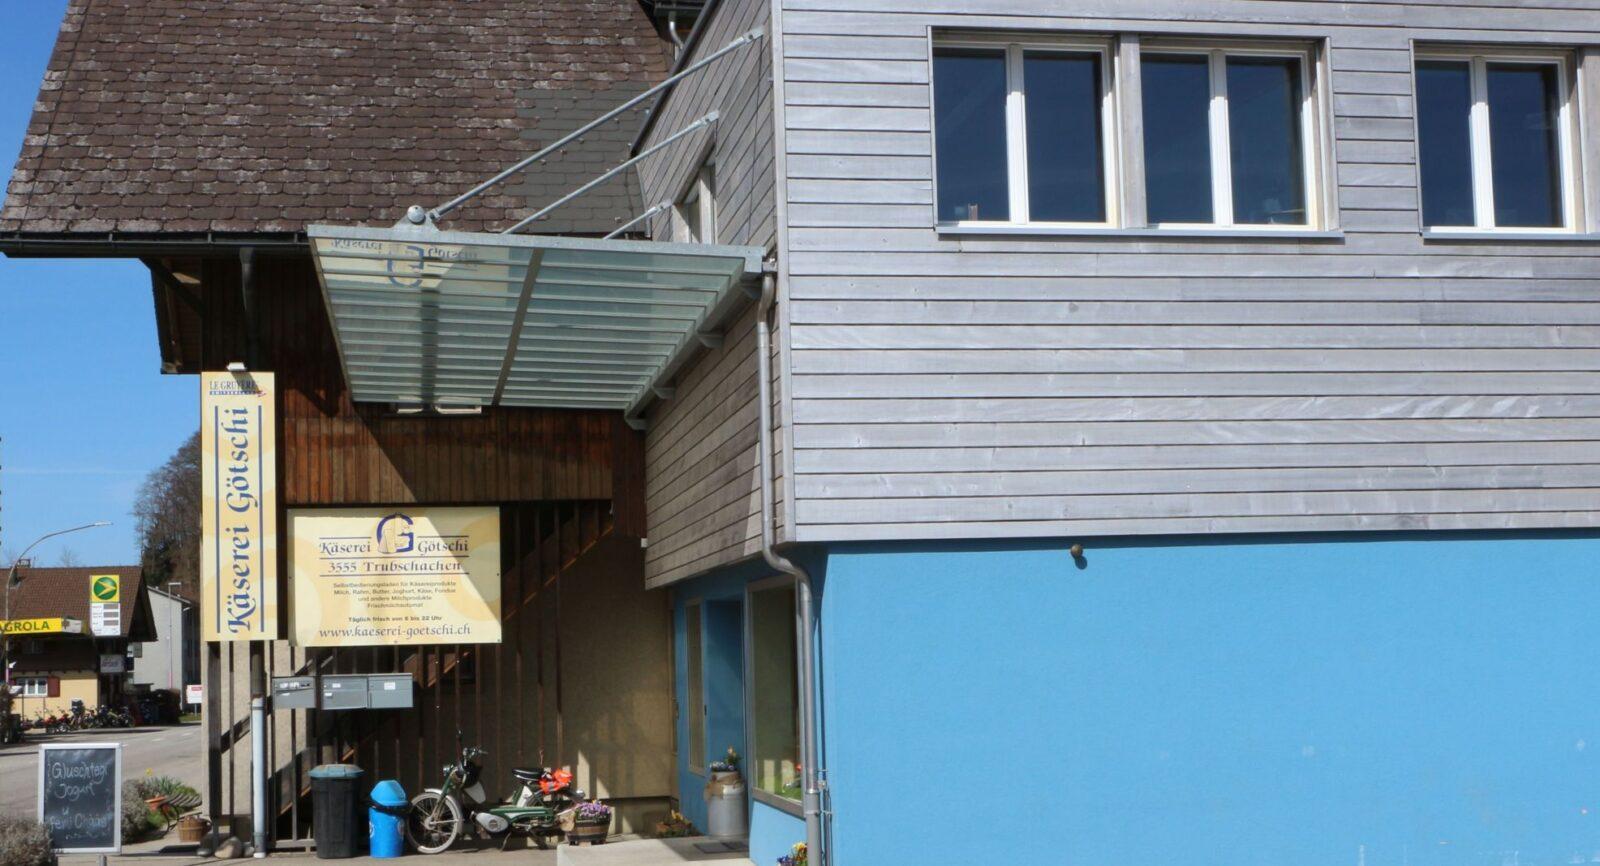 Im Verkaufslokal bezieht die lokale Kundschaft via Selfscanning Frischmilchprodukte.